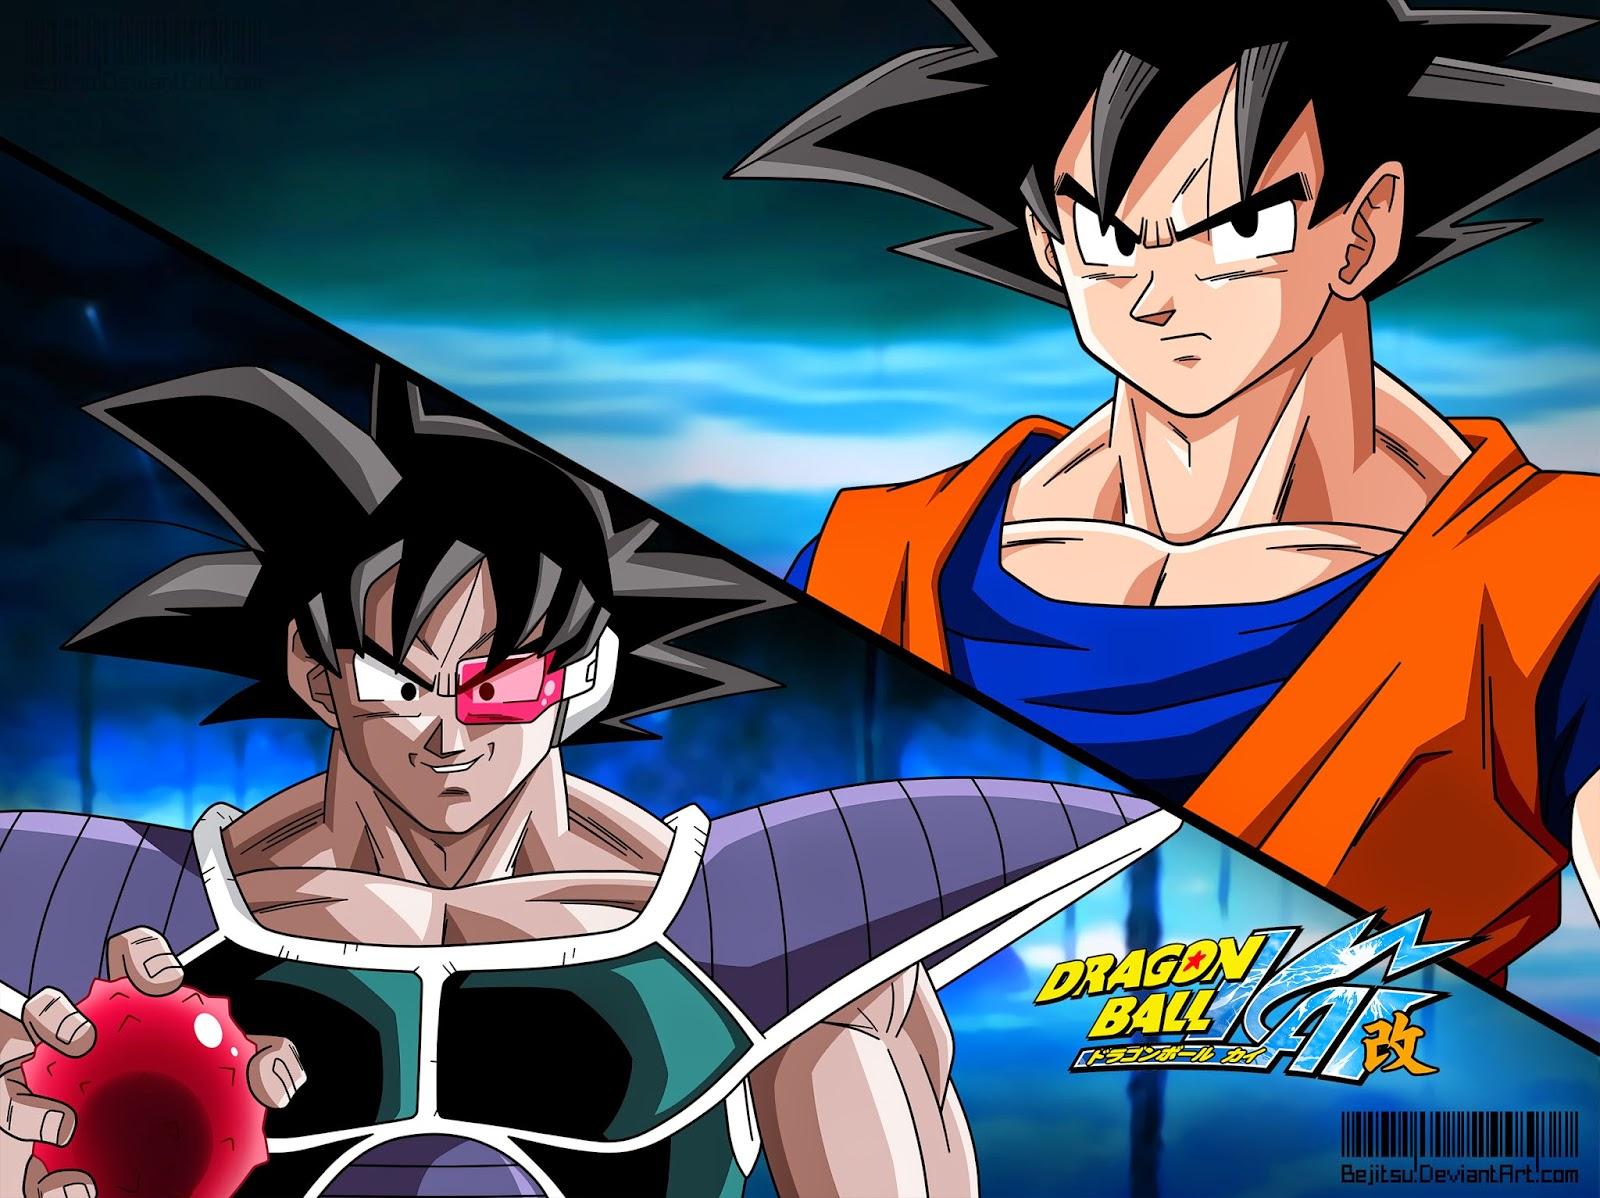 Phim 7 Viên Ngọc Rồng Phần 1 -Dragon Ball Kai (98 Tập Cuối) Full trọn bộ  HD. Nội dung phim đây là phần được làm tại từ 7 Viên Ngọc Rồng z ...